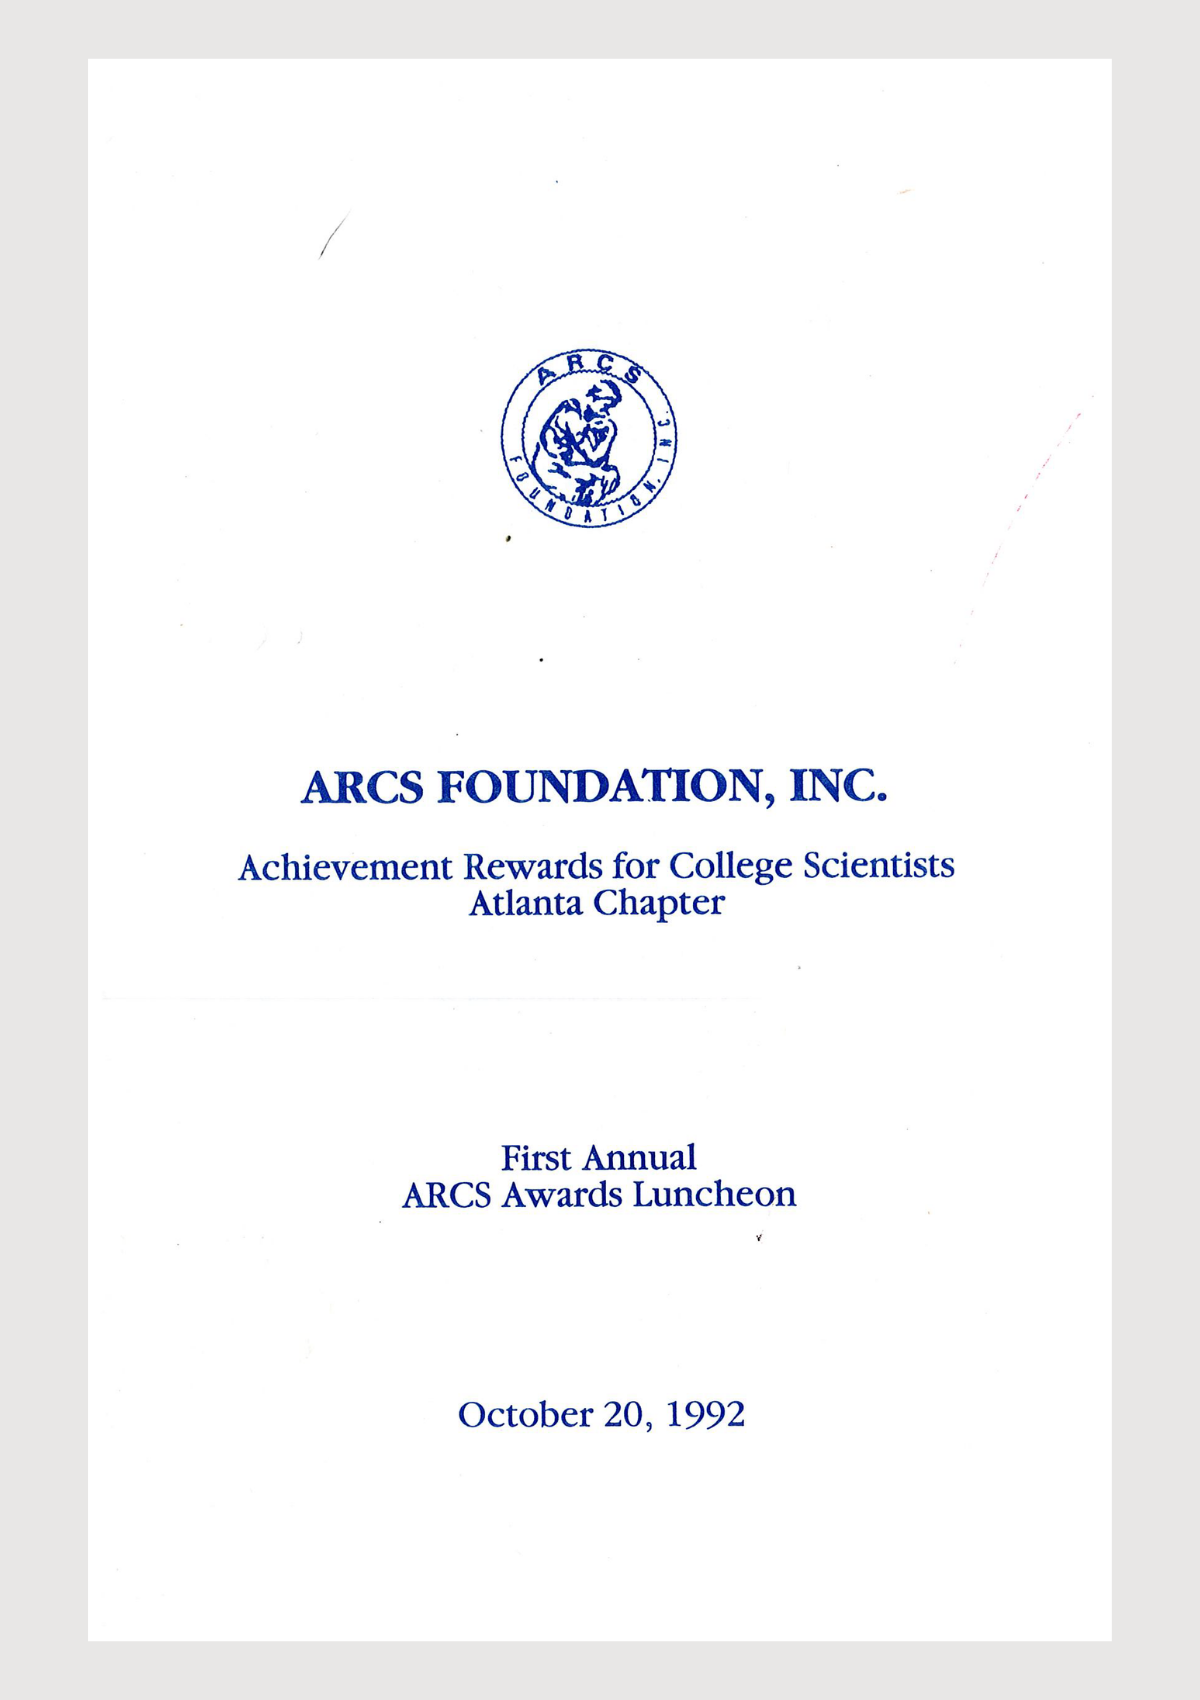 1992 ARCS Atlanta Yearbook